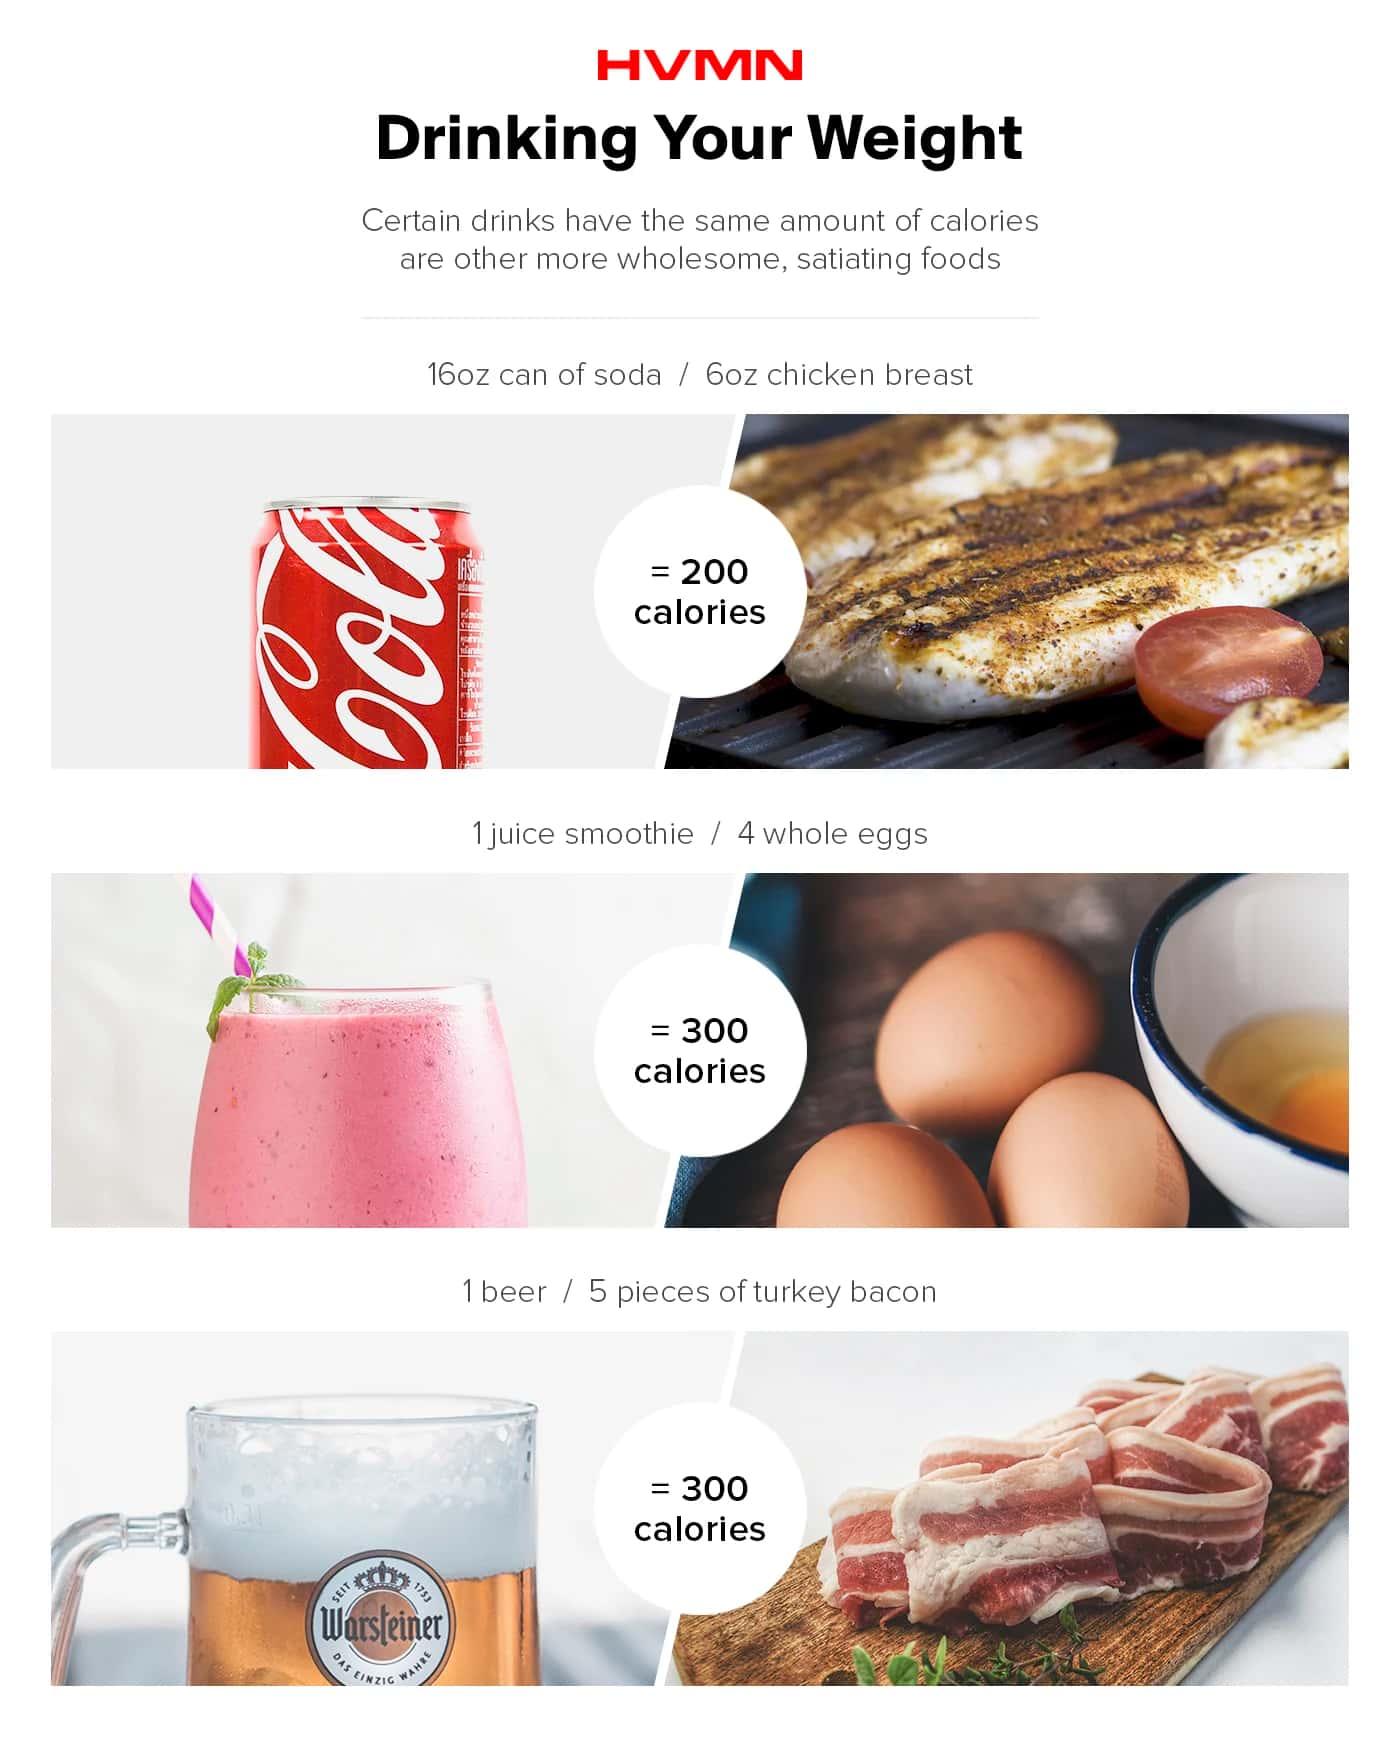 HVMN Weight Loss Drinks 1